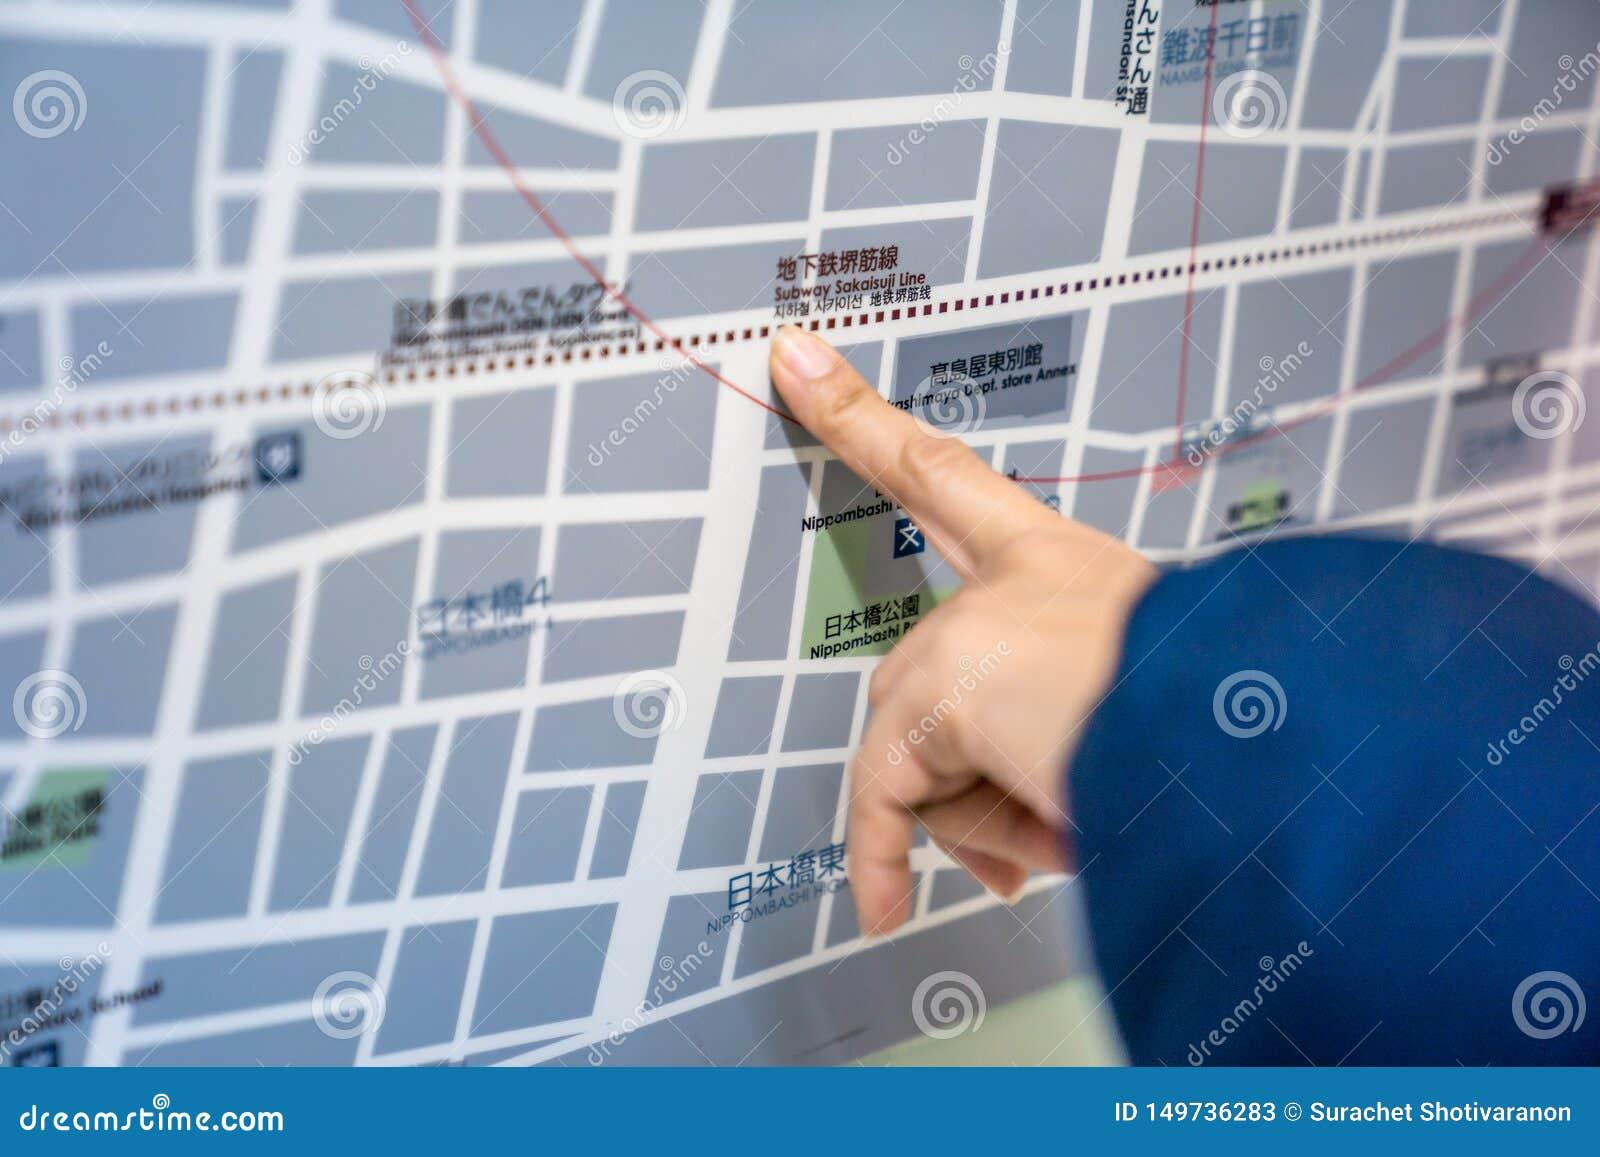 Osaka, Japón - 3 de marzo de 2018: El viajero lee y señalar al mapa del tren del metro del subterráneo del Japón en el tablero ,